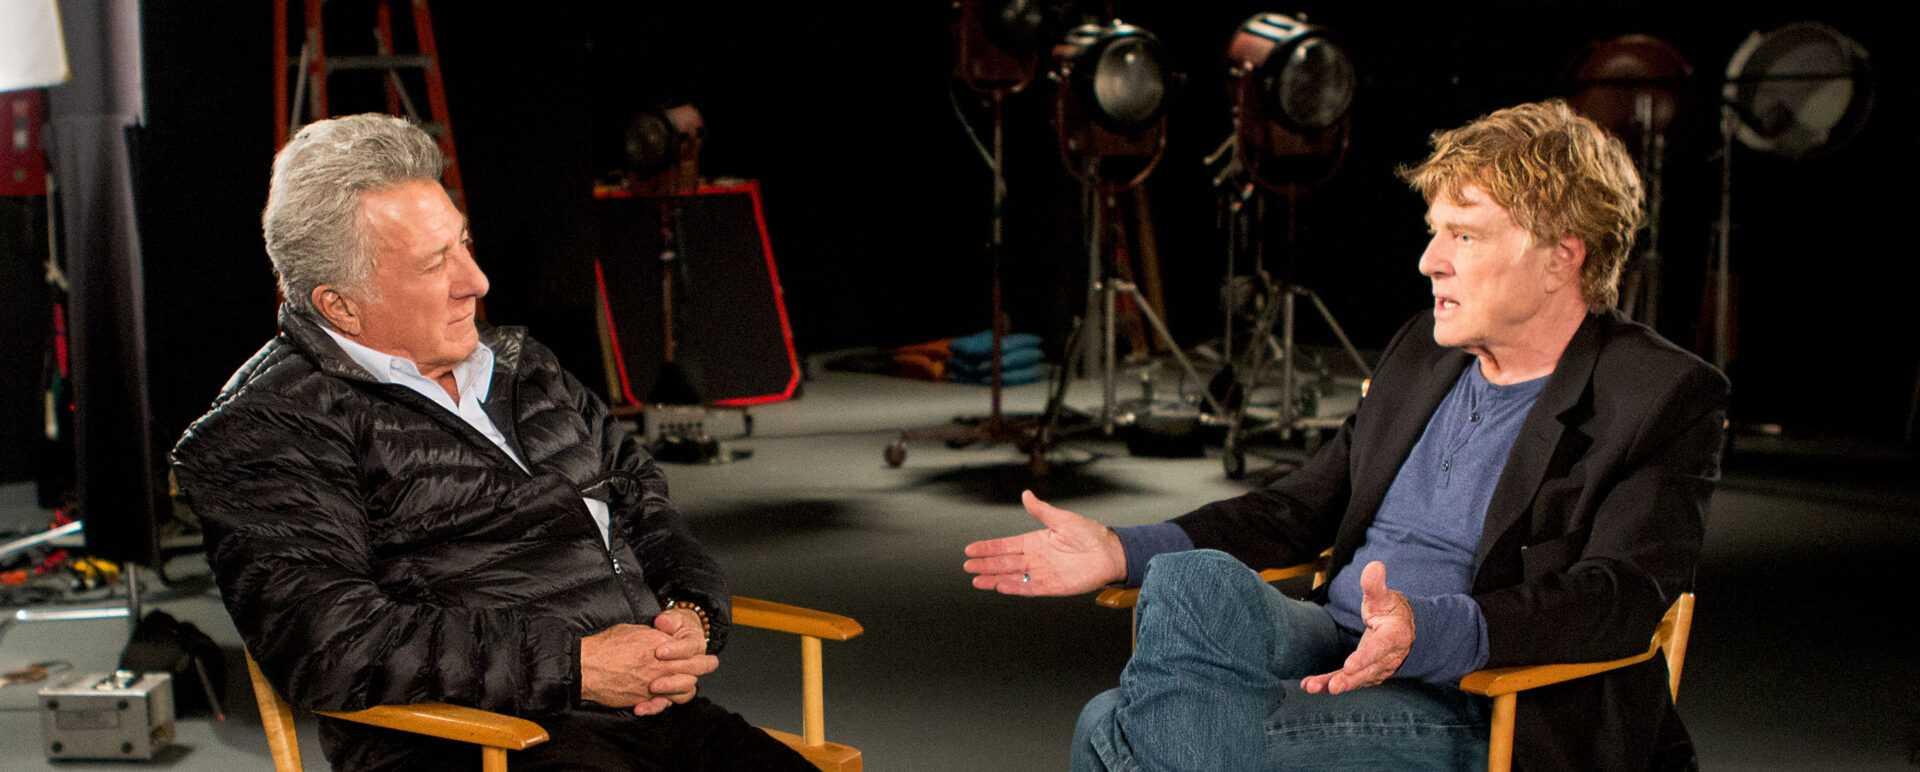 Tutti gli uomini del presidente: la vera storia su Discovery Channel e Sky Cinema Cult | Digitale terrestre: Dtti.it